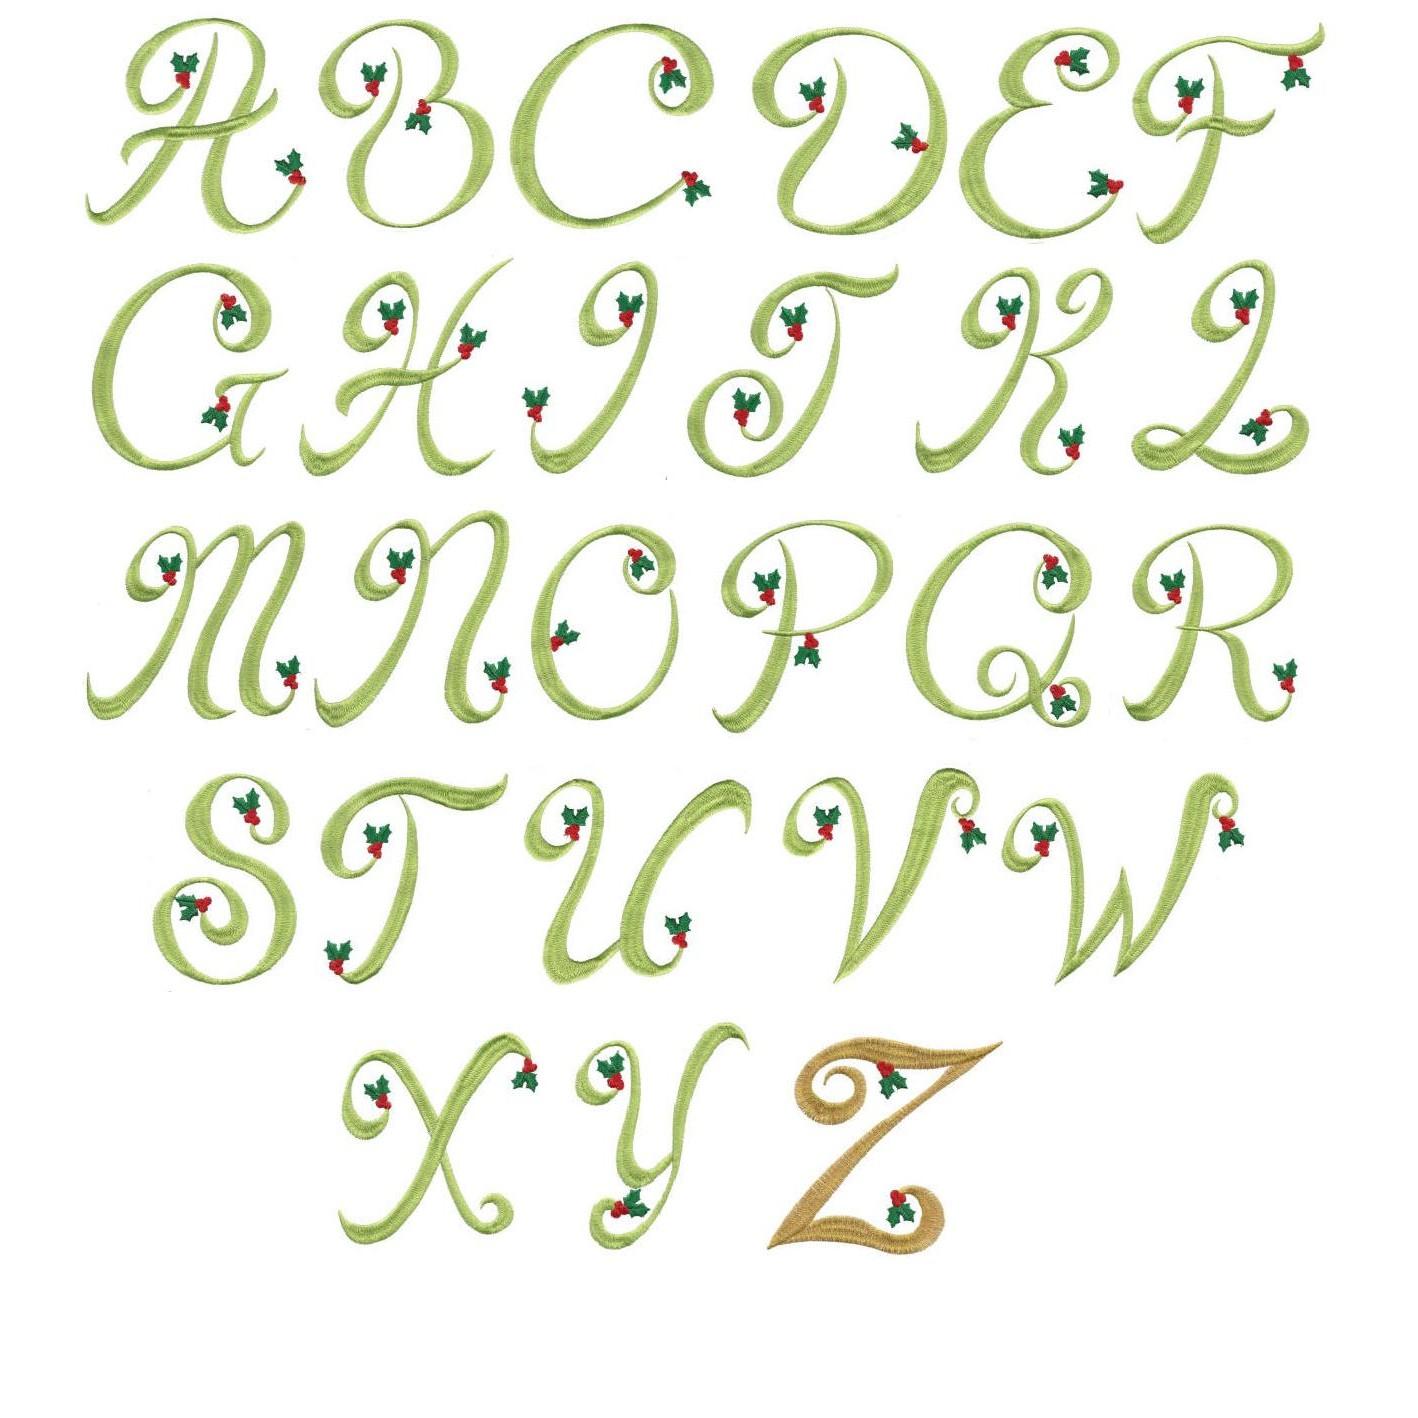 8 Elegant Font Alphabet Images